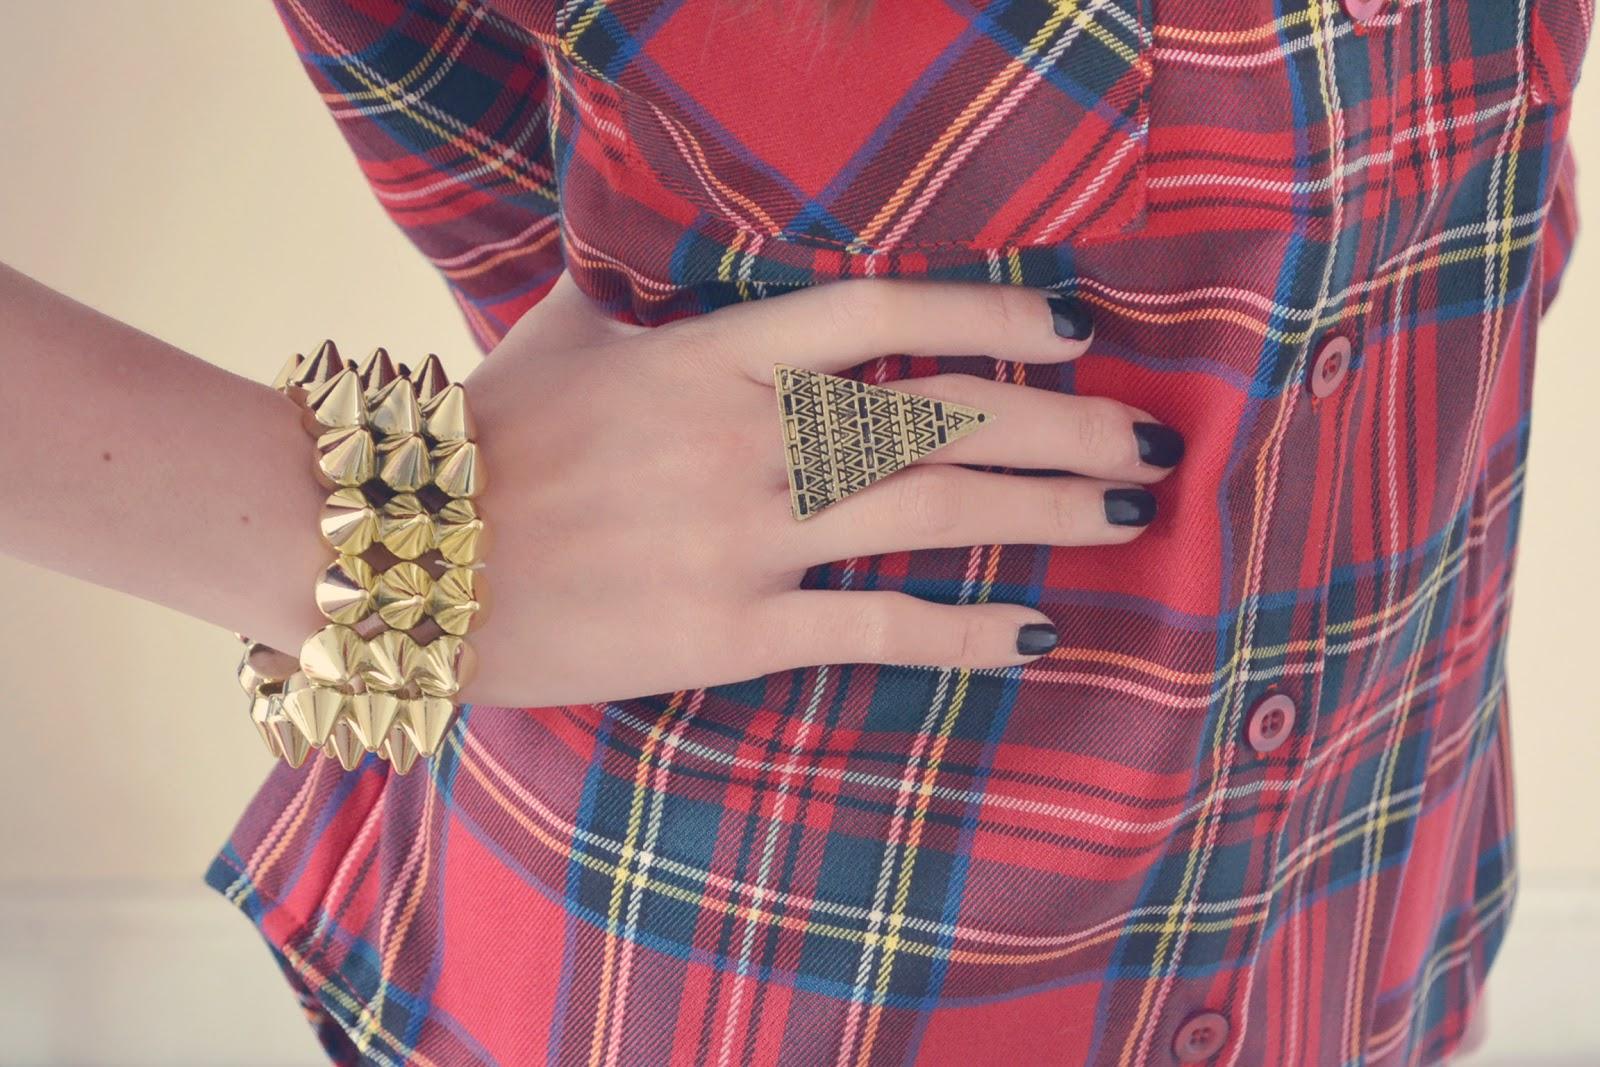 gold spiked bracelet